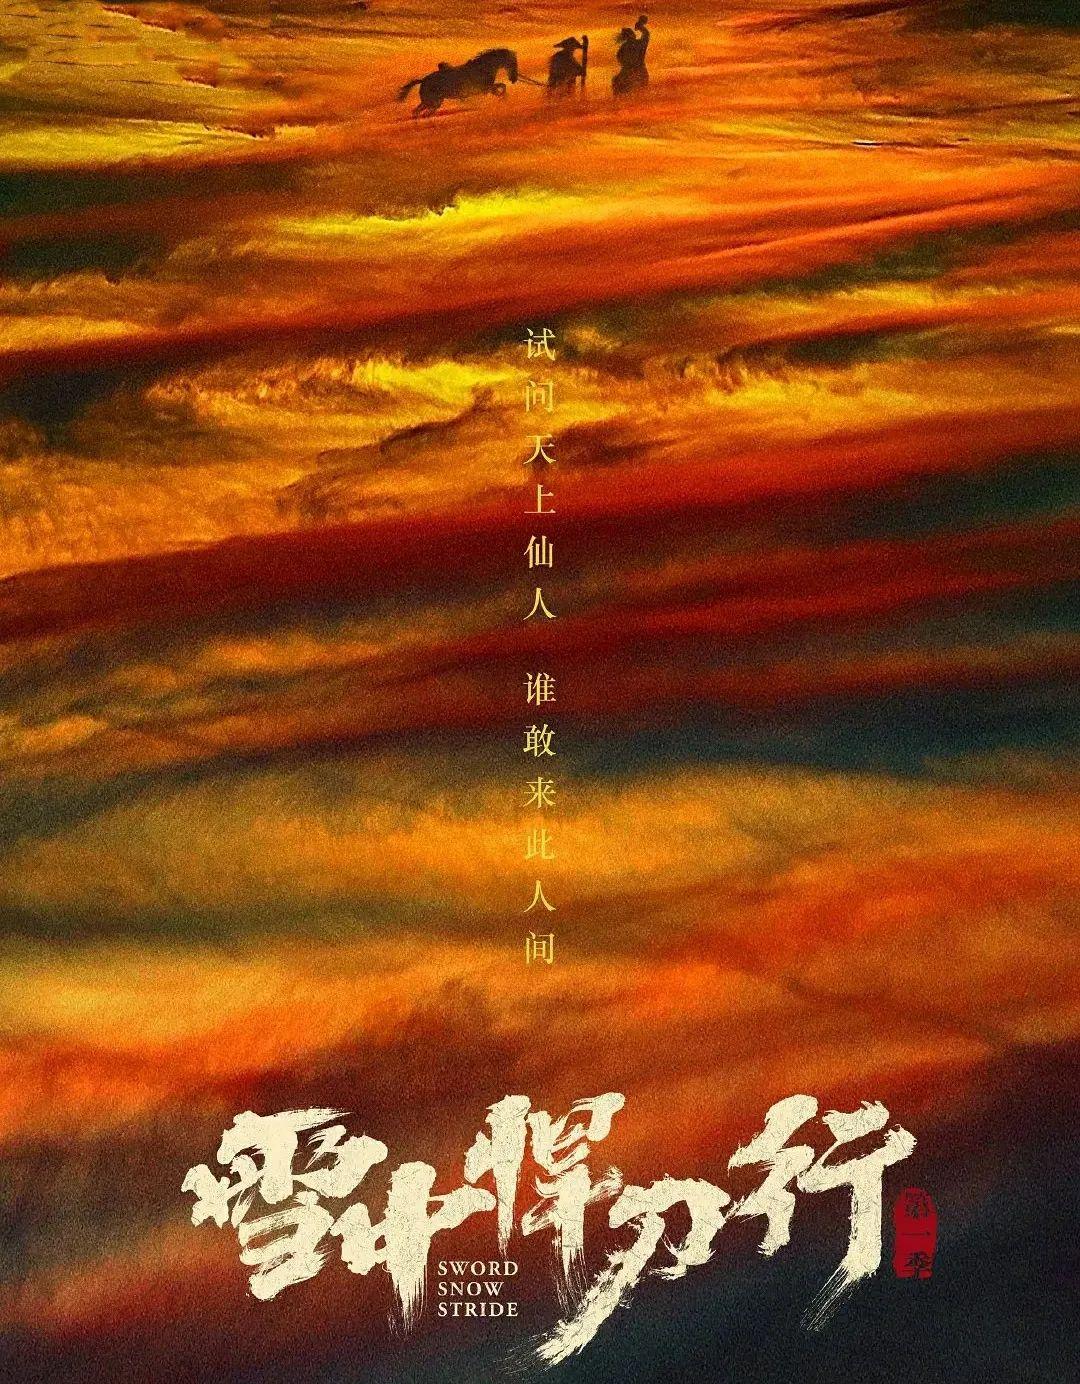 时代报告剧《石头开花》将袭,李少红高群书执导,马天宇贾青主演